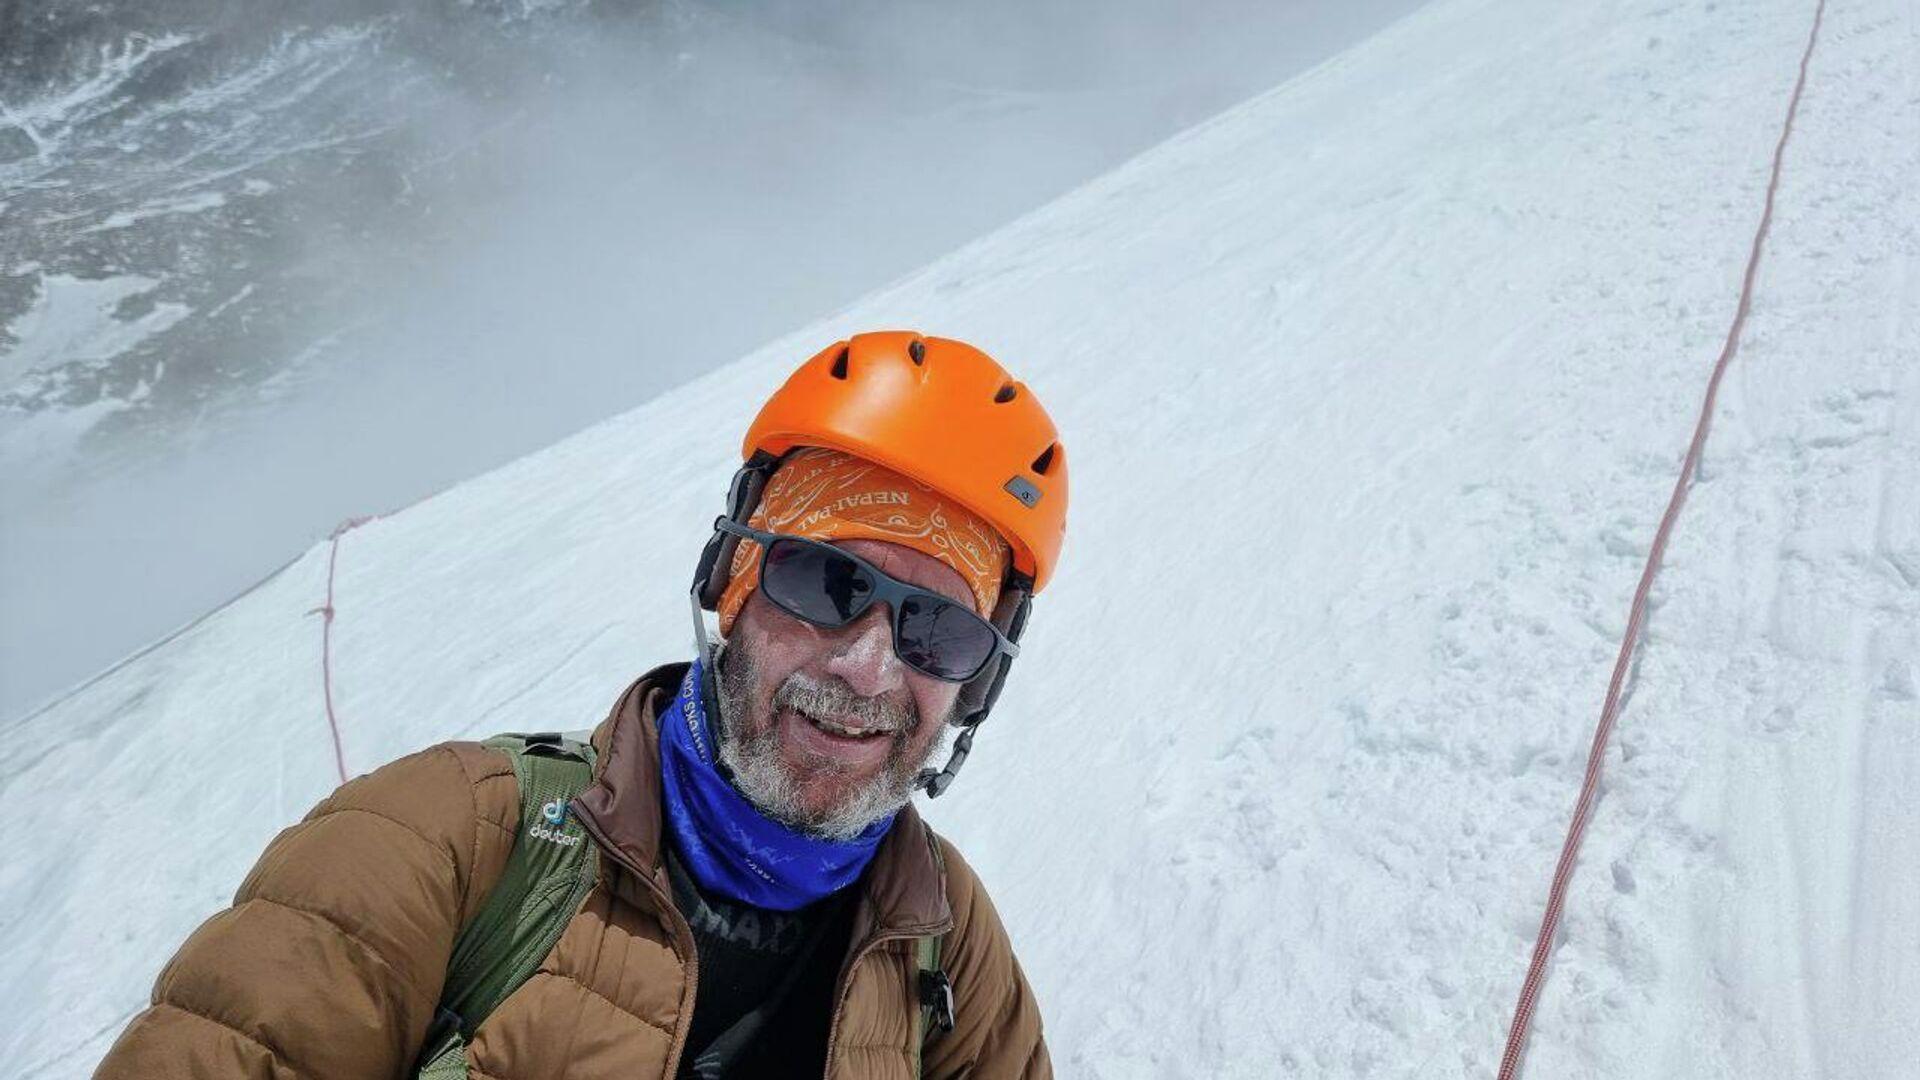 Виталий Хинензон во время восхождения на гору Эверест - Sputnik Таджикистан, 1920, 11.08.2021